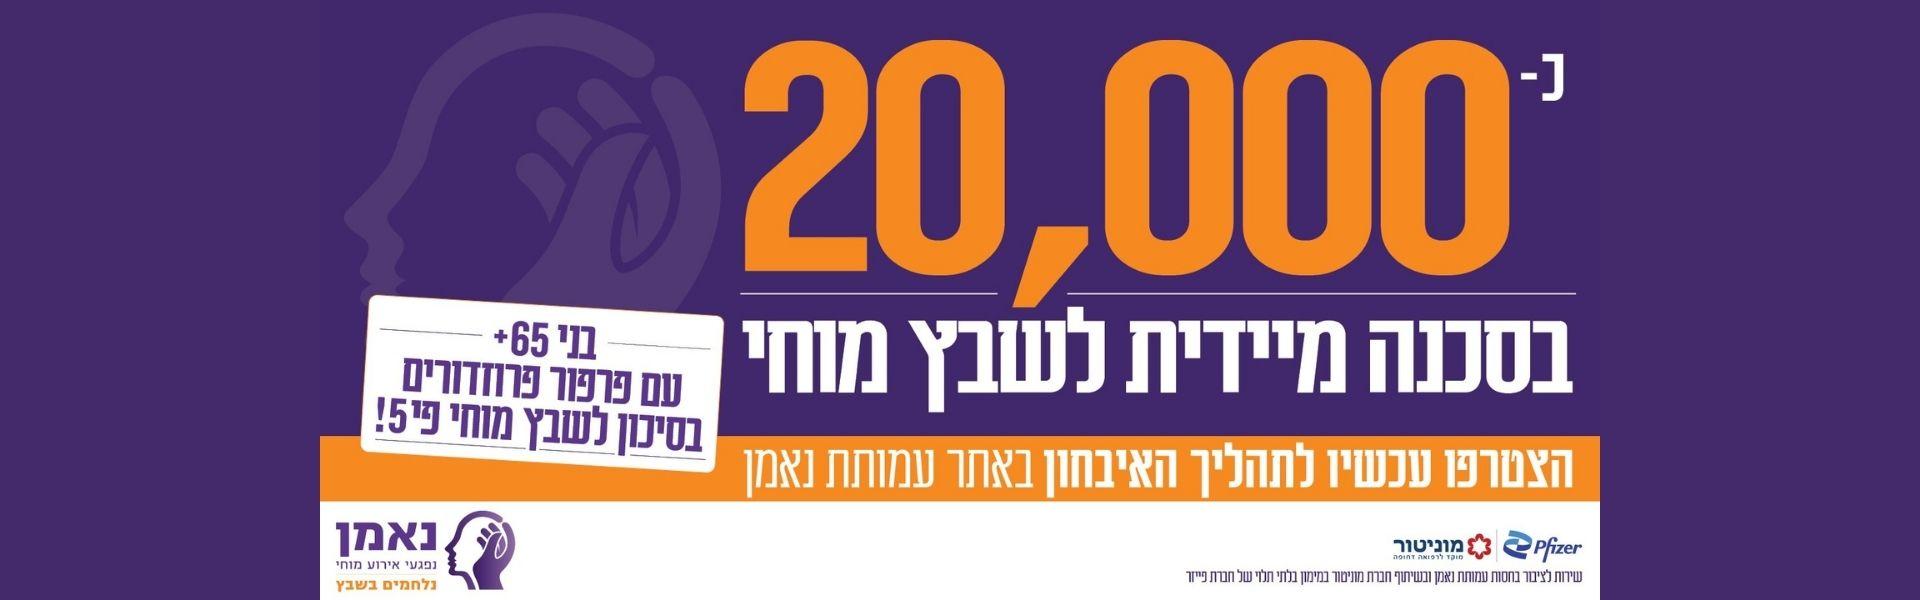 100,000 התקפי שבץ בישראל